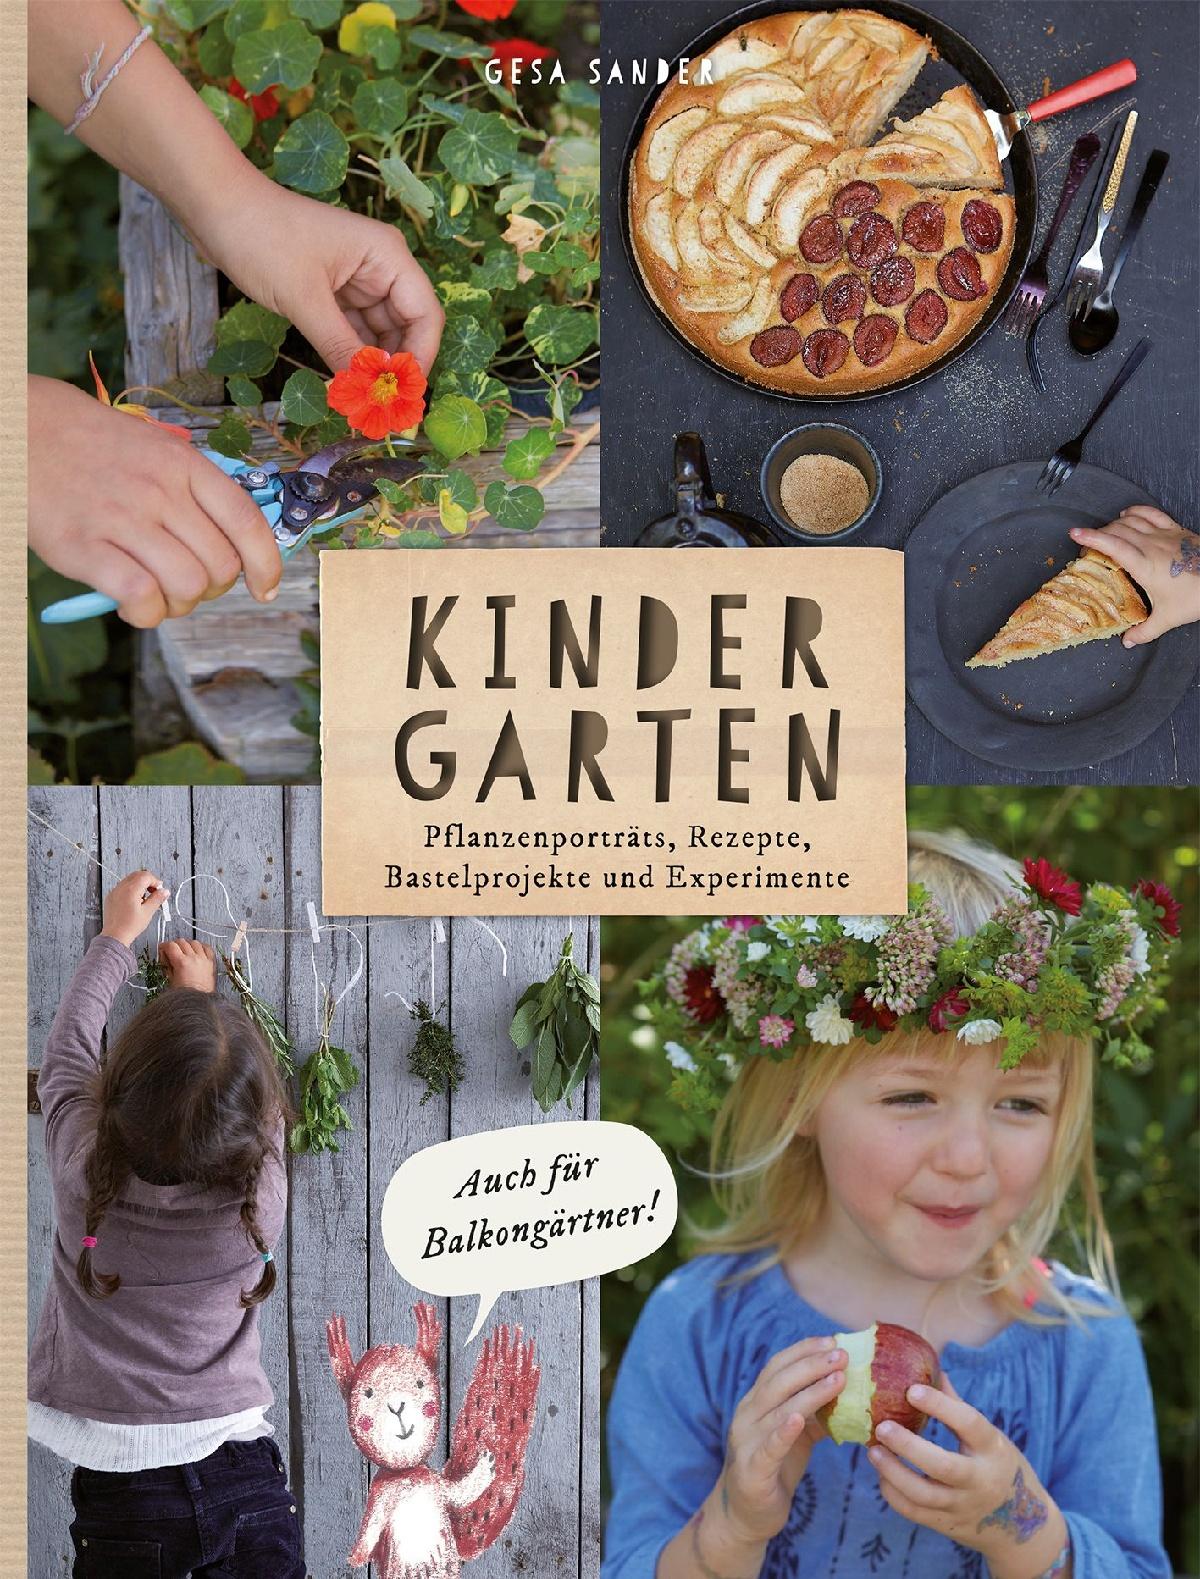 buchcover kindergarten: Pflanzenporträts, Rezepte, Bastelprojekte und Experimente von Gesa Sander